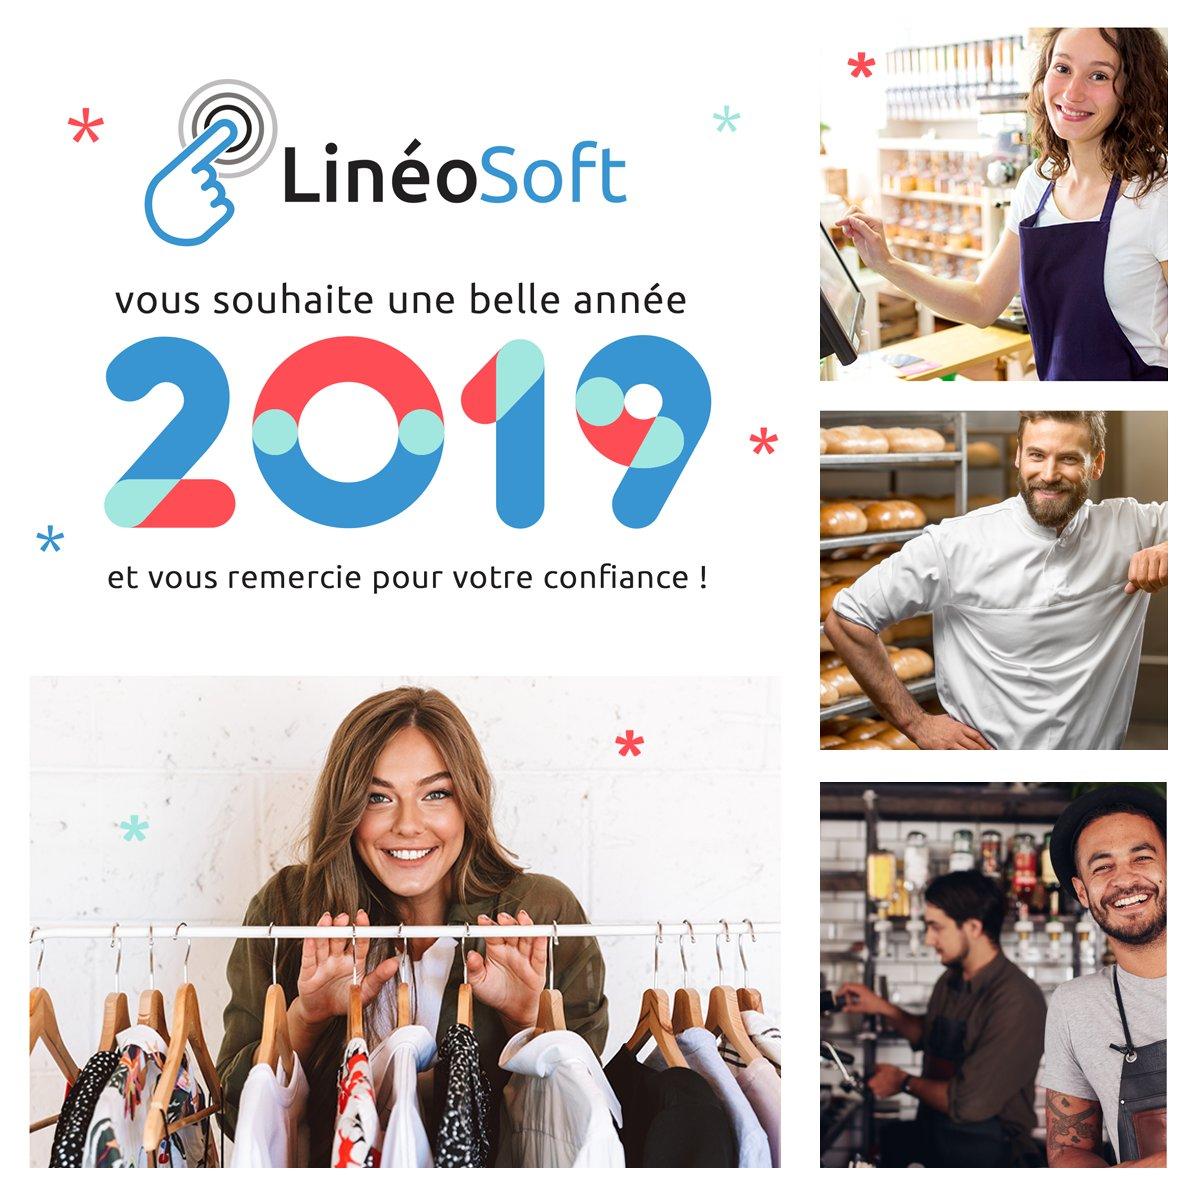 LinéoSoft LineoSoft   Twitter